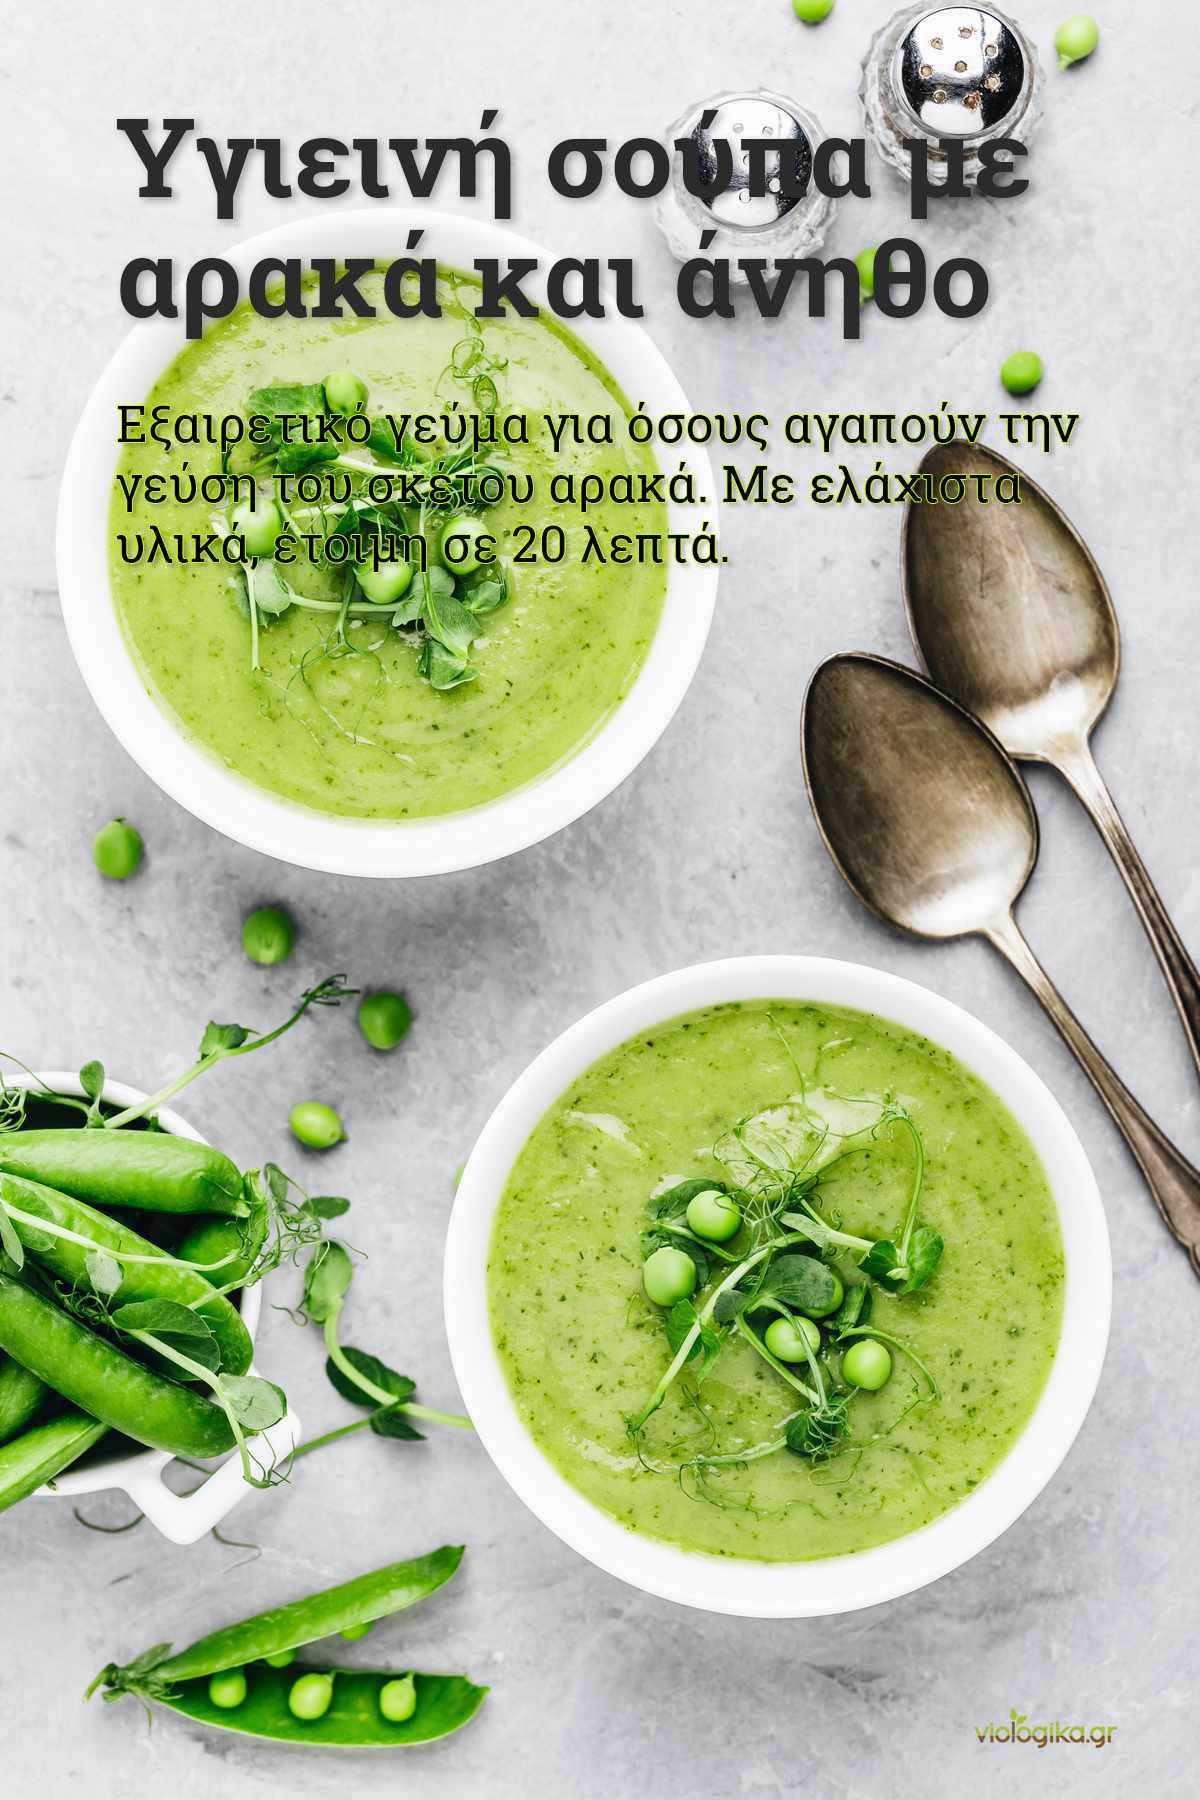 Υγιεινή σούπα με αρακά και άνηθο